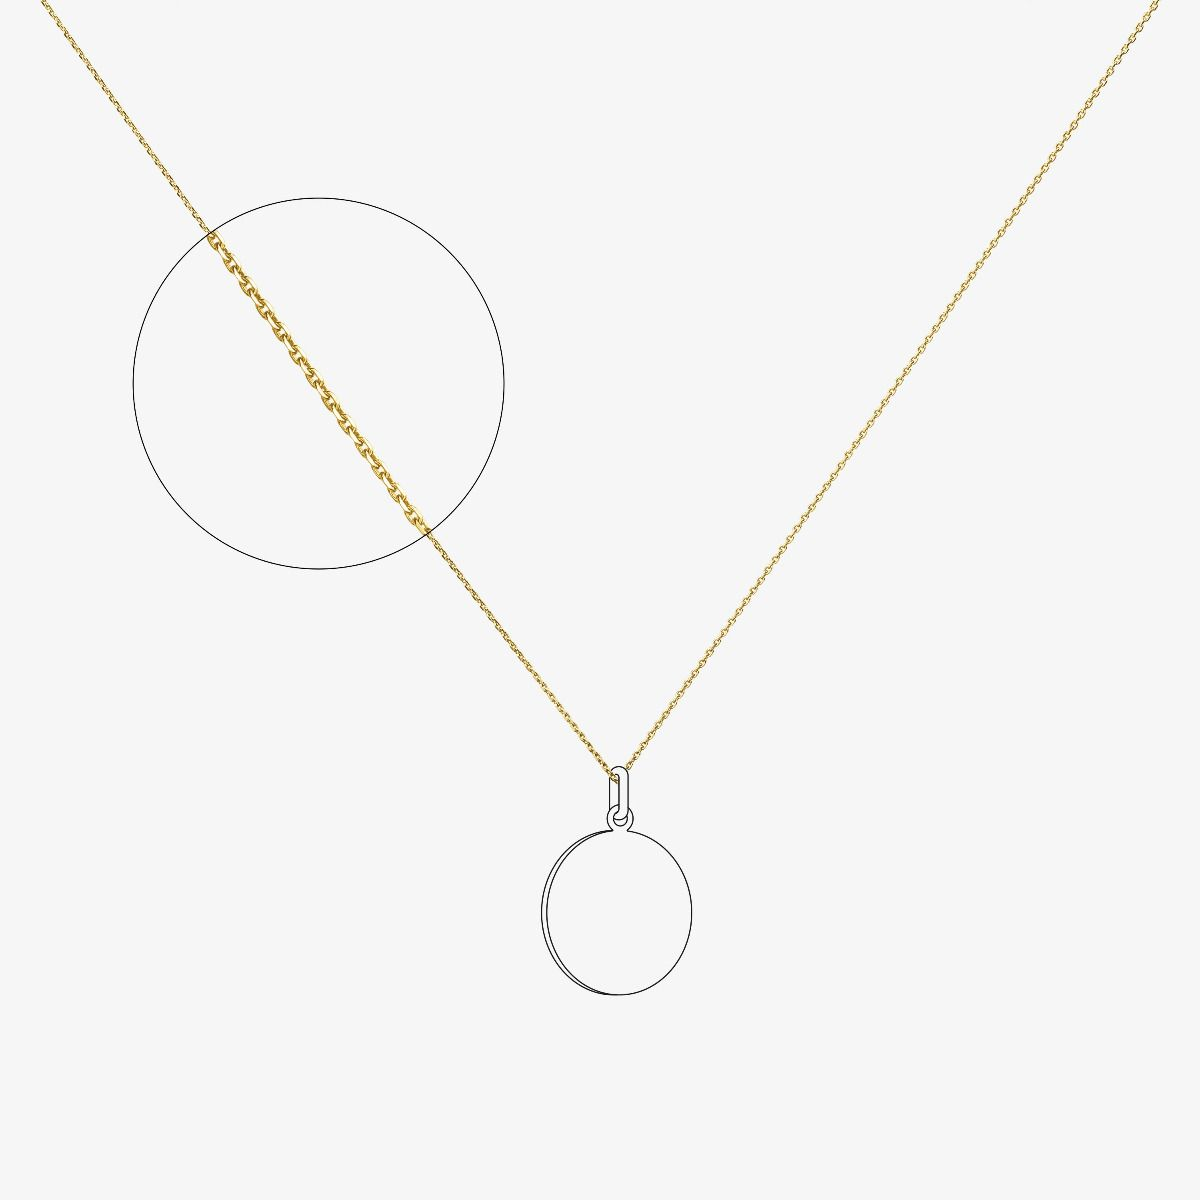 Chaîne forçat limé 1,2 mm en Or jaune 18 carats - 40 cm